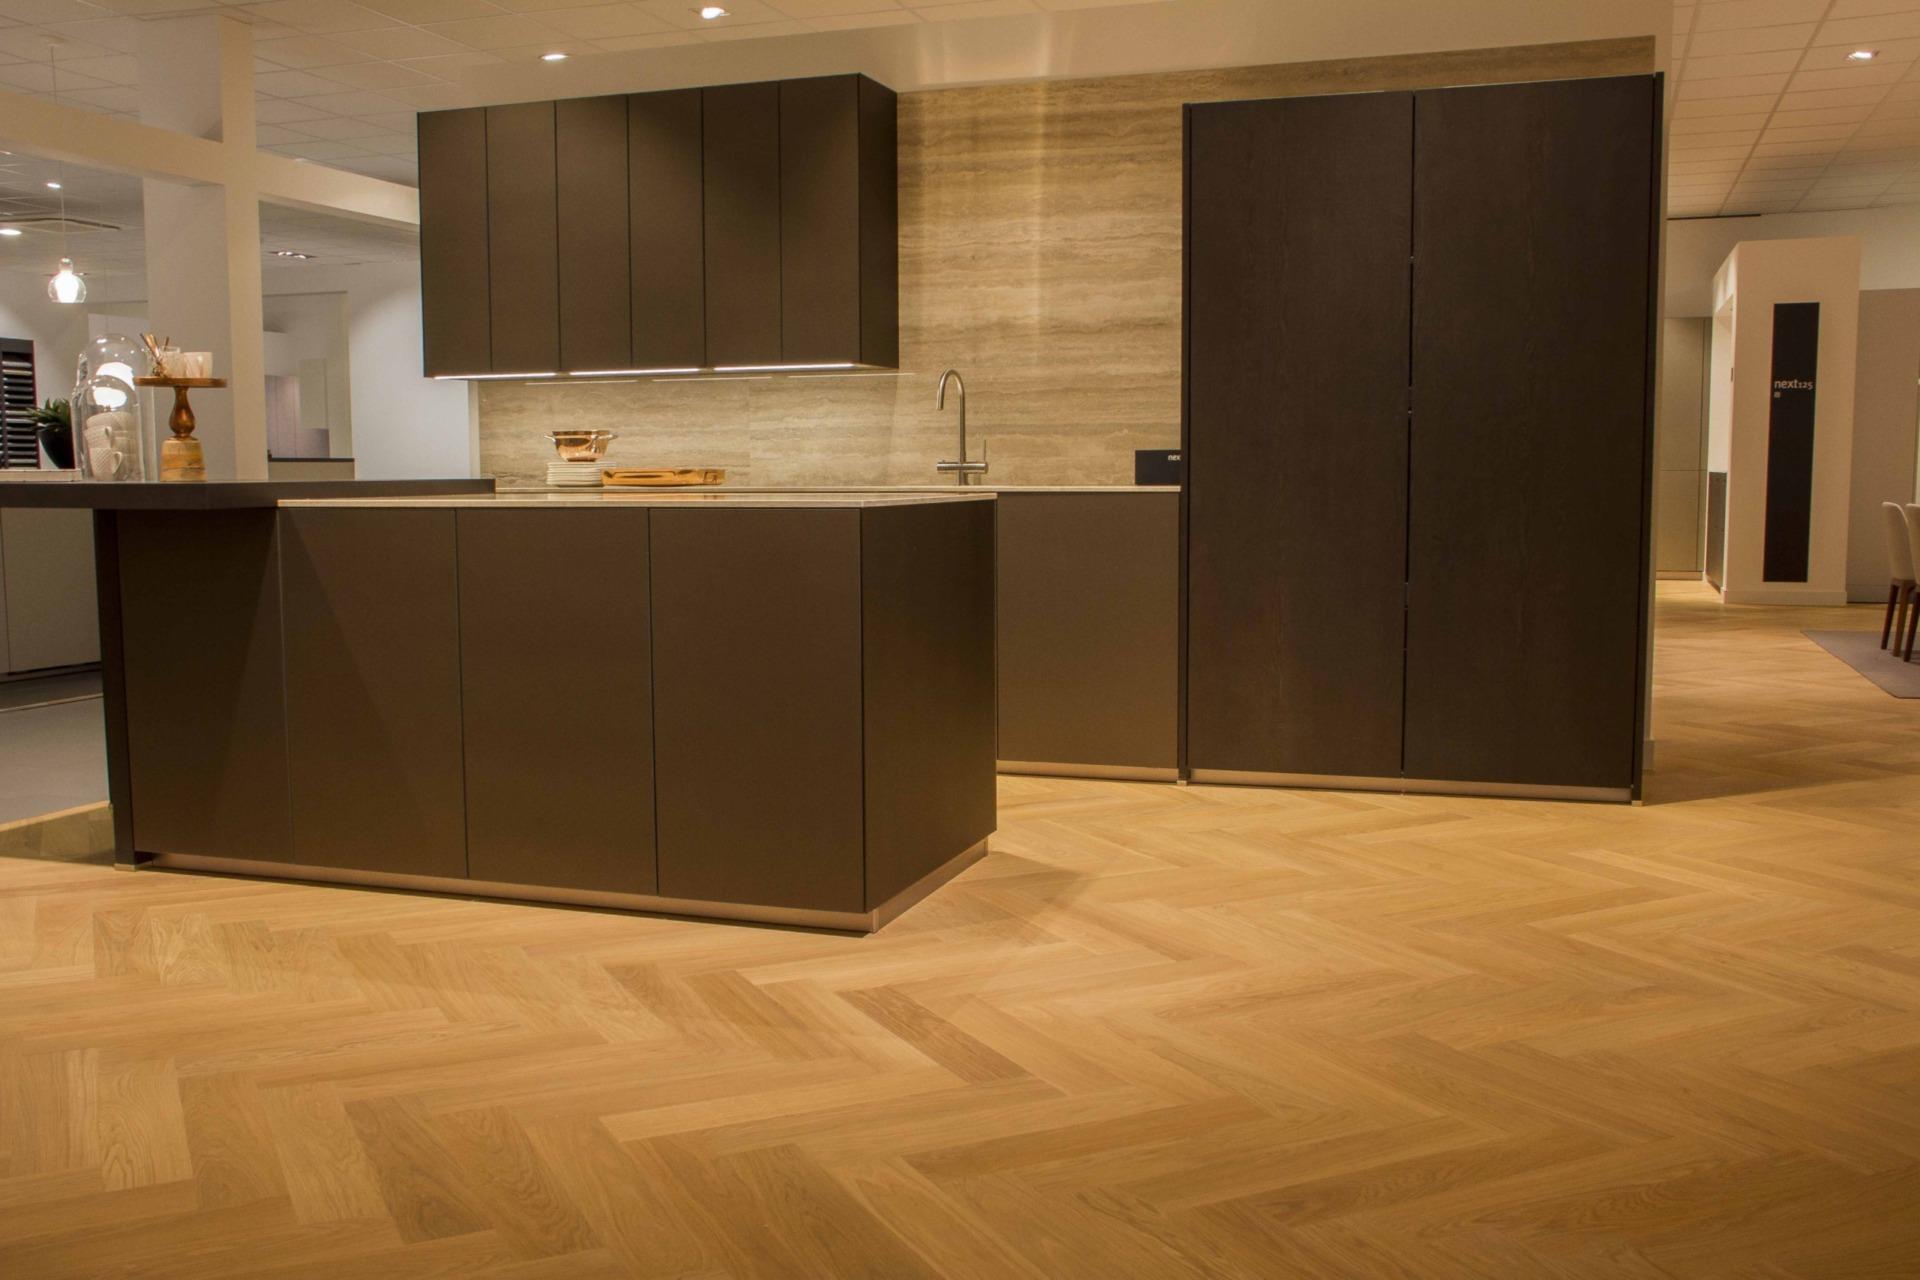 Houten visgraat vloer in keuken_1